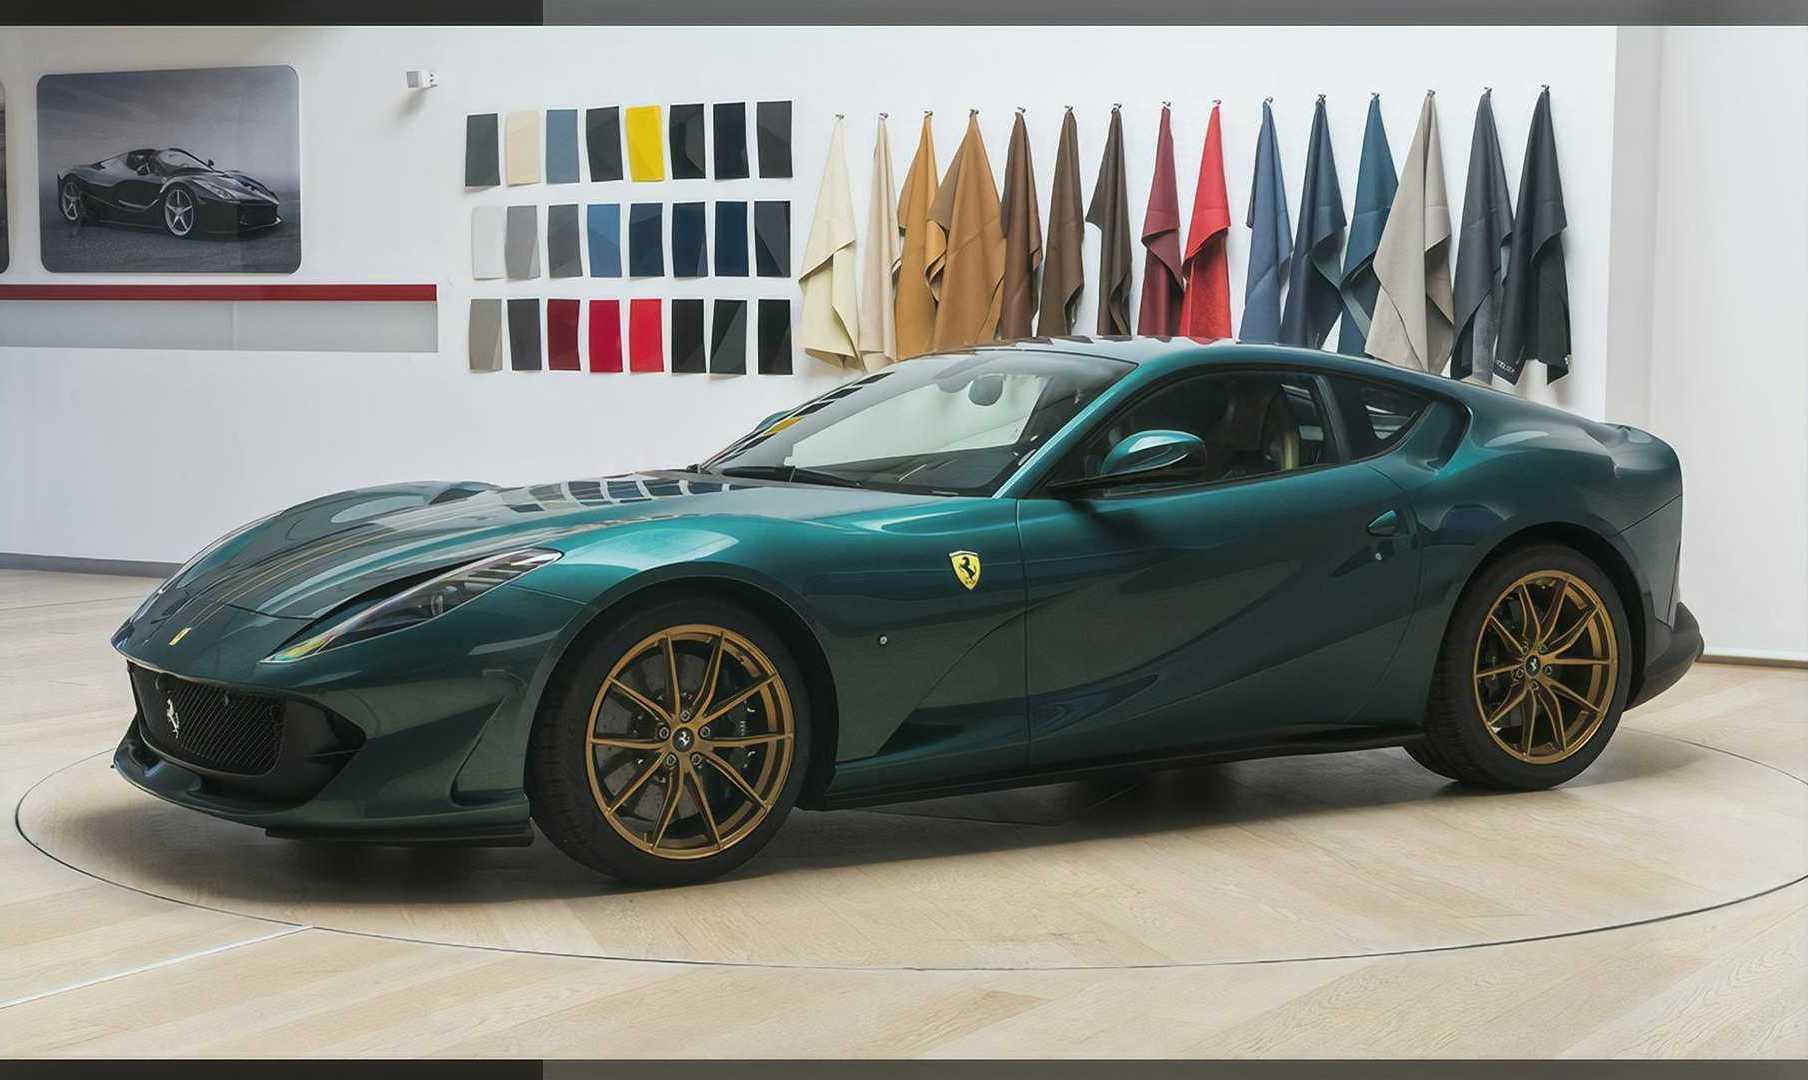 法拉利发布了量身定制的812 Superfast,车身颜色非常漂亮